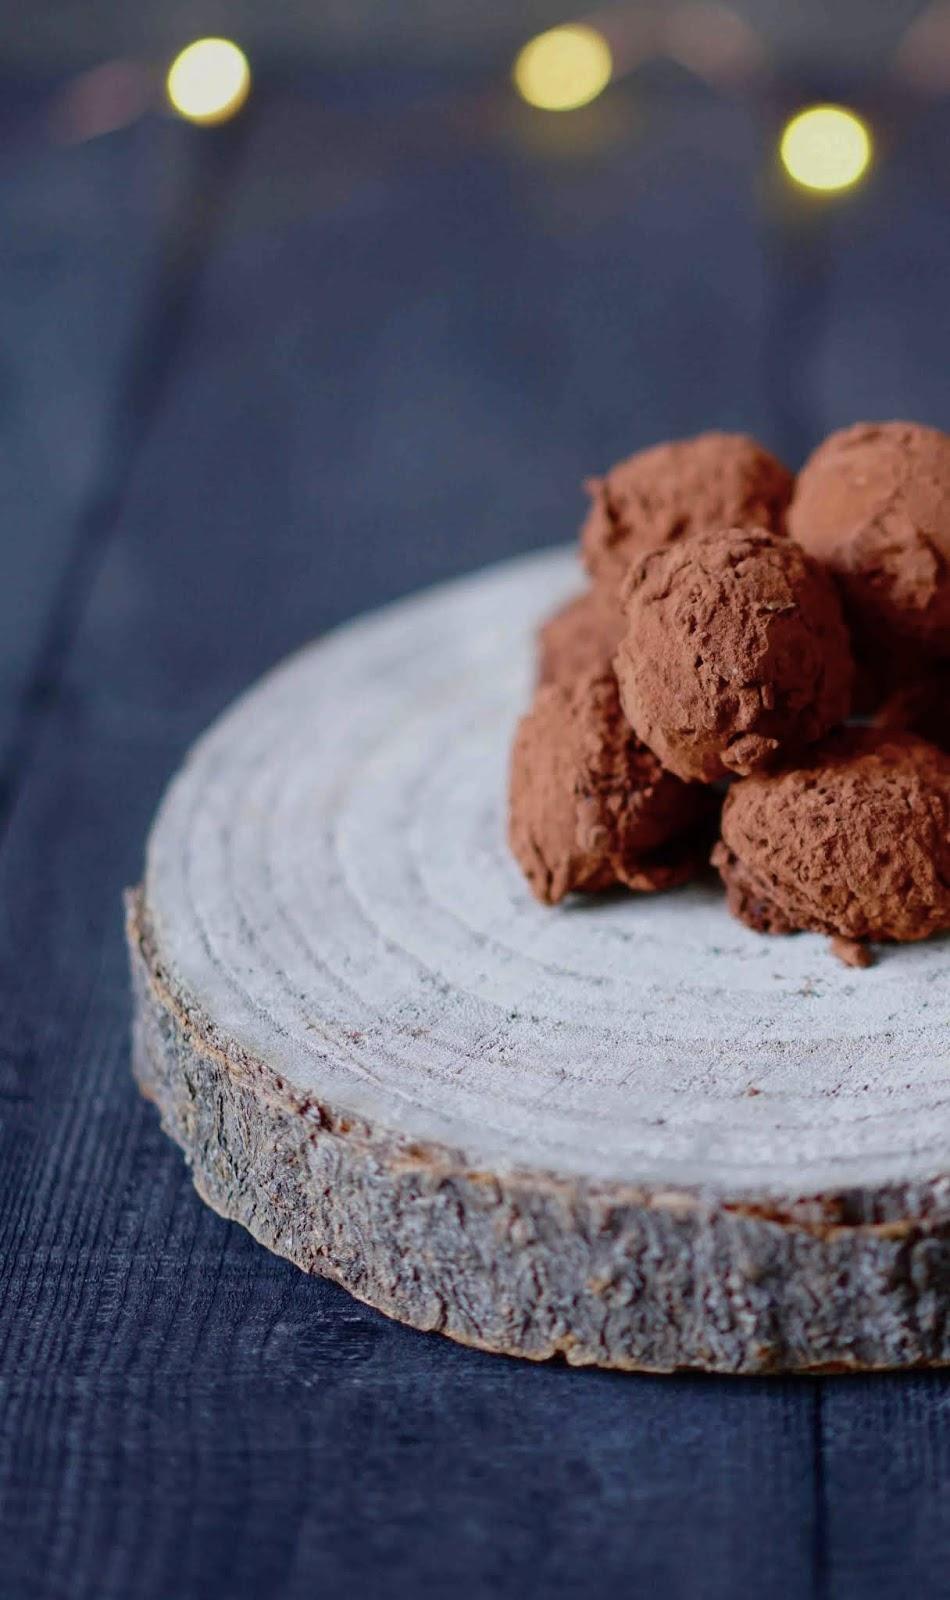 chocolat noir , chocolat blond dulcey , truffes , ganache moelleuse , recette de noel